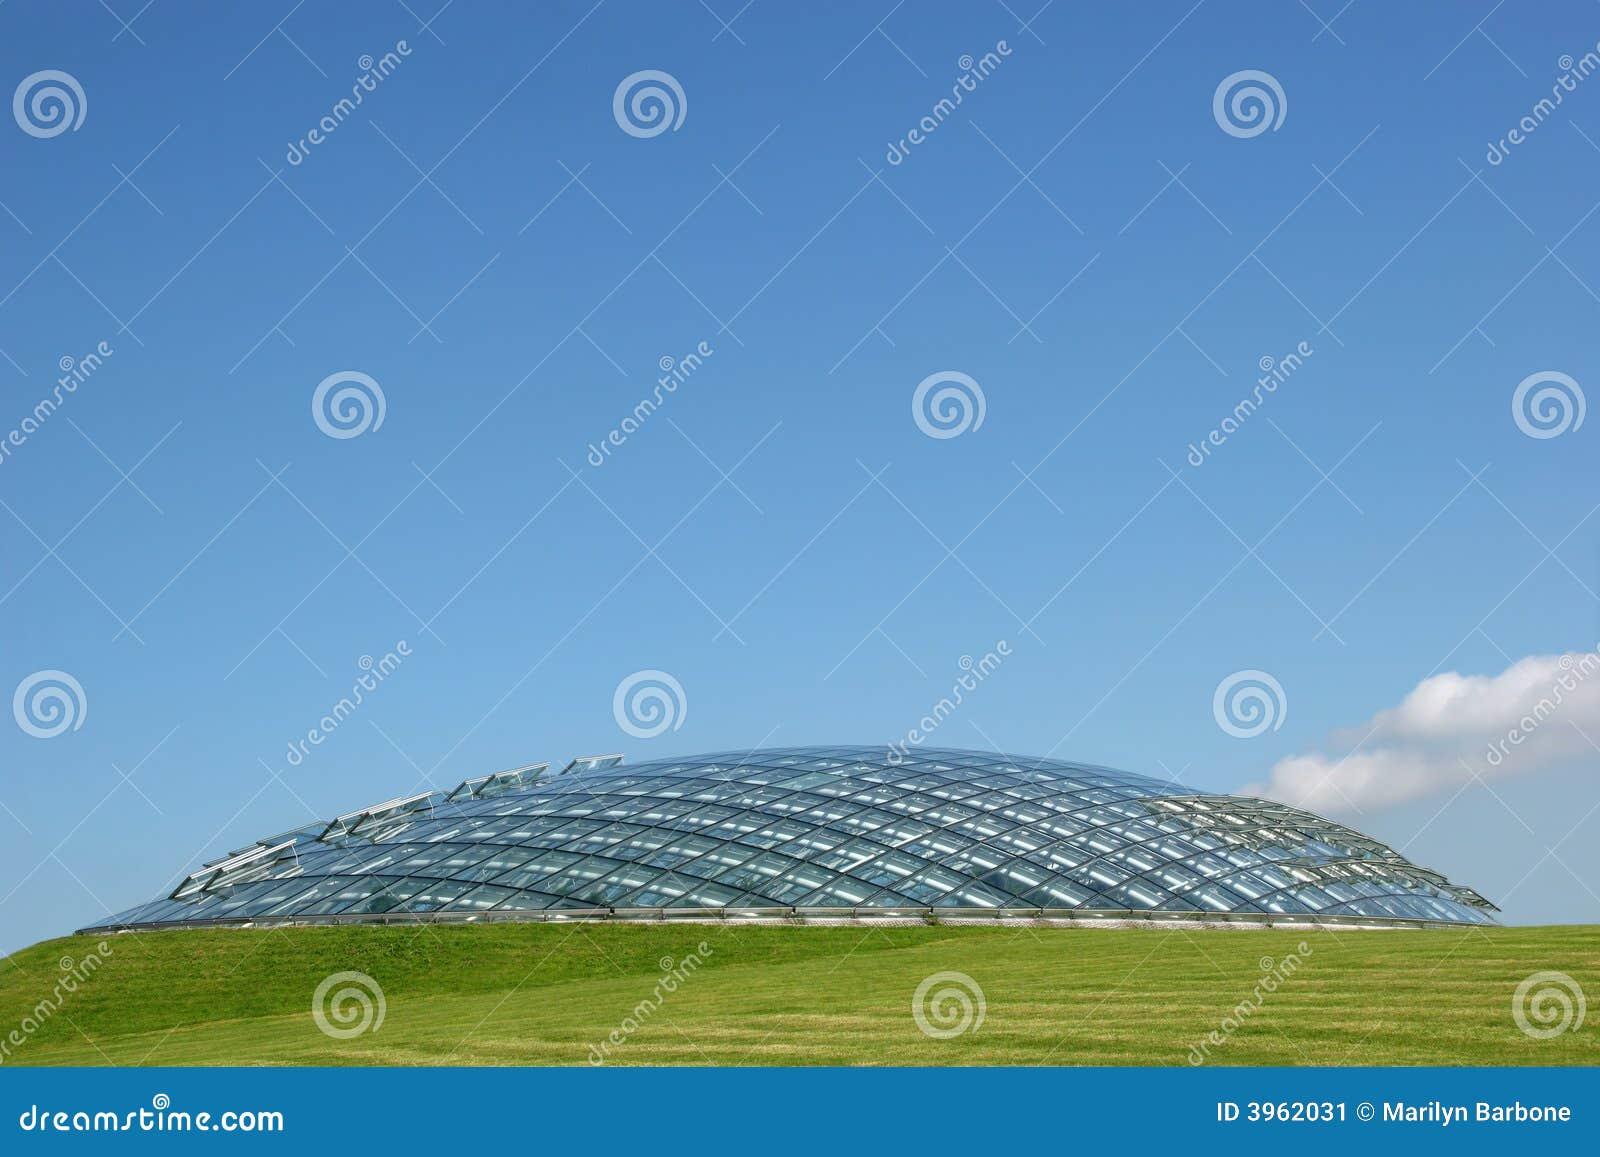 Conservatoire en verre